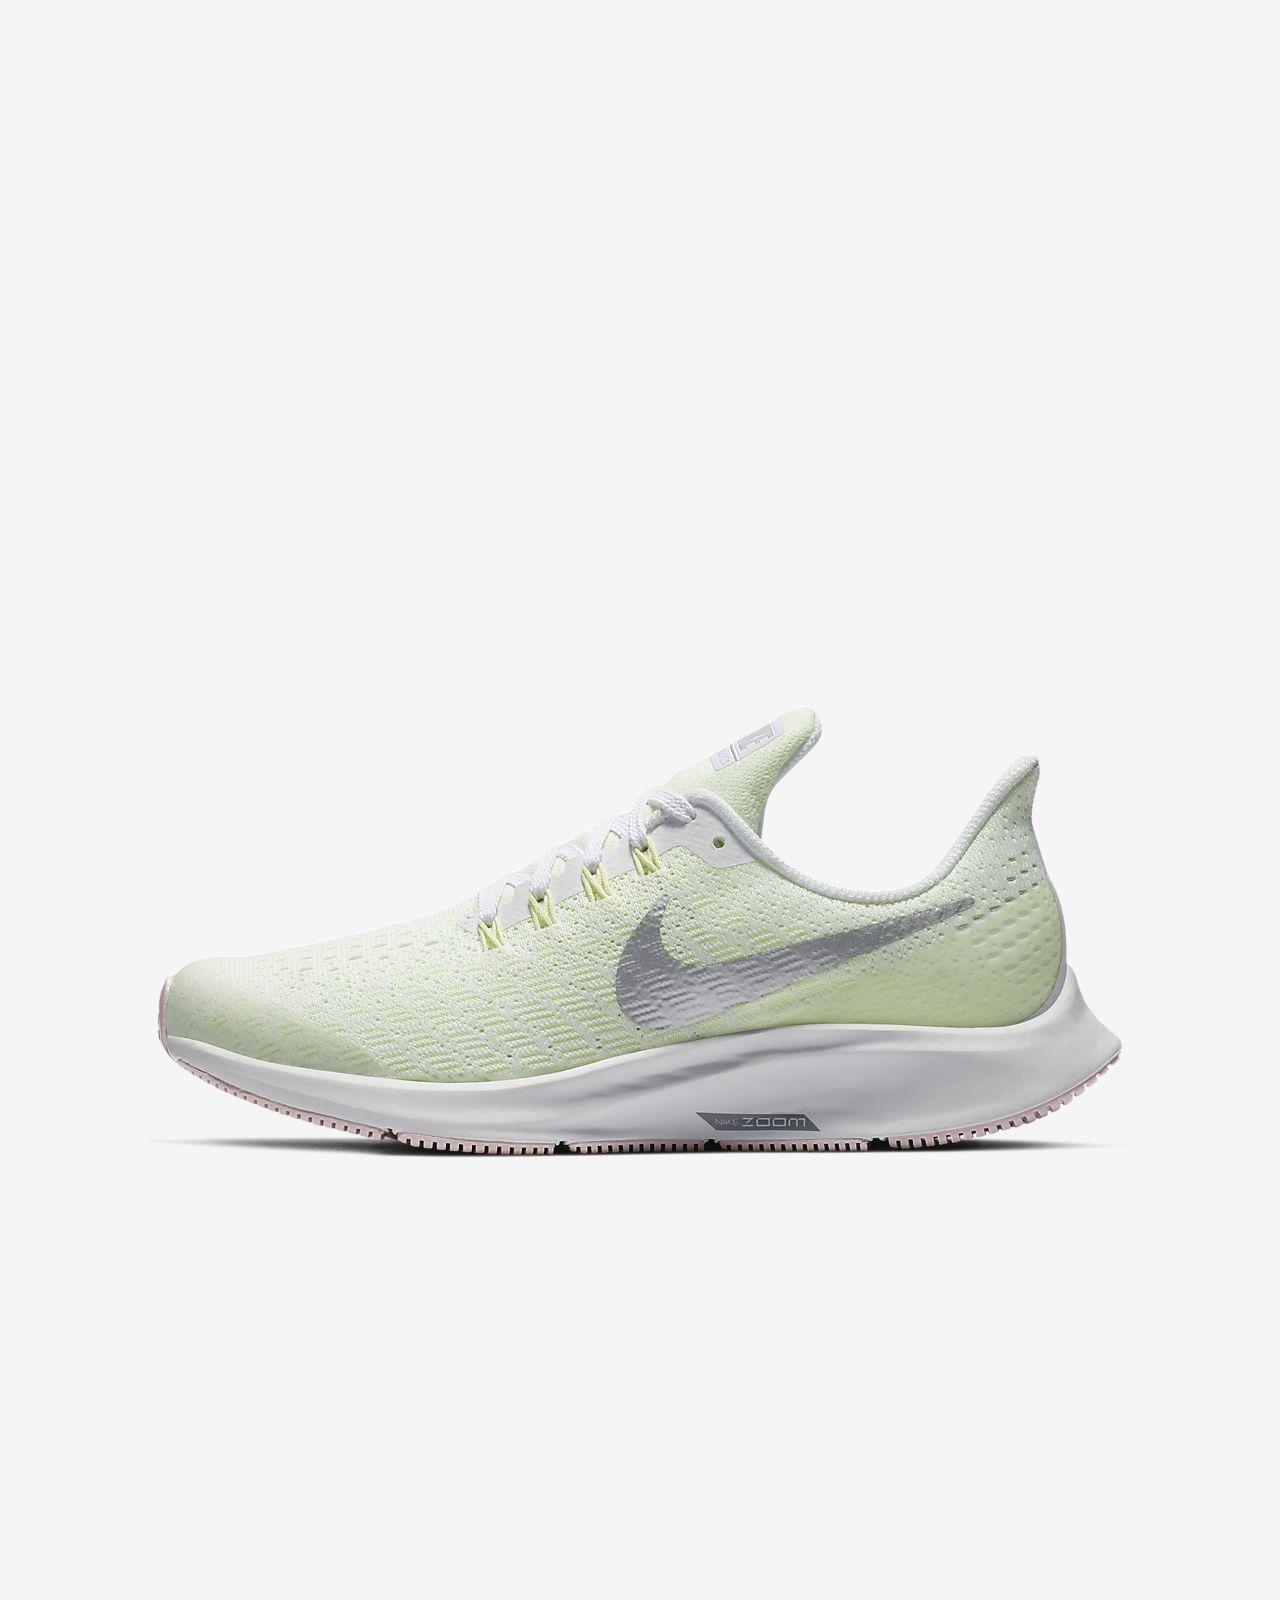 0074c0ec1 ... Calzado de running para niños talla pequeña grande Nike Air Zoom  Pegasus 35